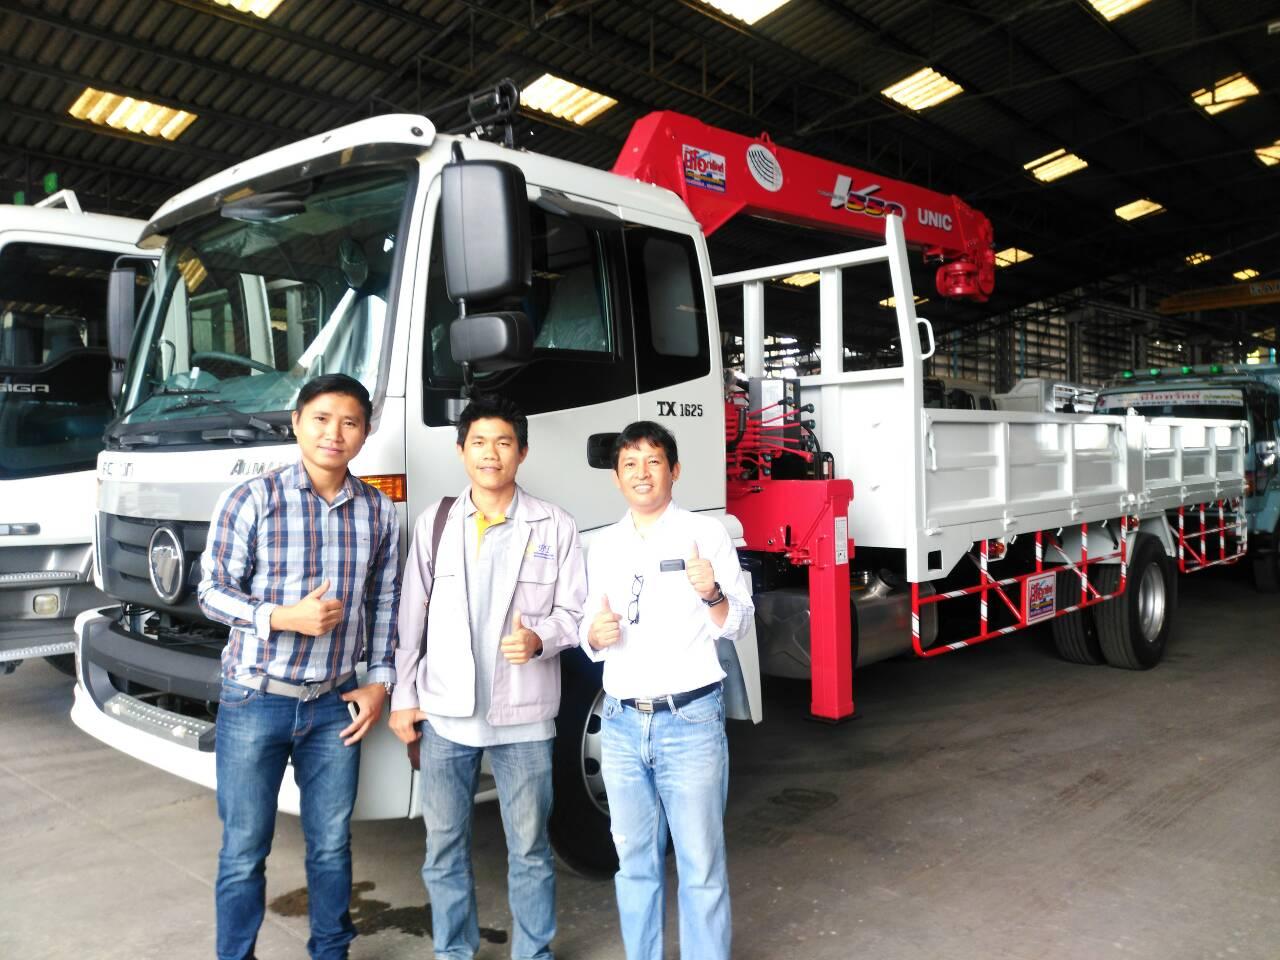 รถบรรทุก 6ล้อ FOTON เครื่องยนต์ 245HP เกียร์ ZF ประกอบใหม่พร้อมเครน พร้อมเครนยูนิคใหม่ UR-V555K ขนาด5ตัน (ความยาว 3-4-5-6 ท่อน เลือกสั่งได้) สนใจติดต่อ เอกนีโอทรัคส์ 086-7655500